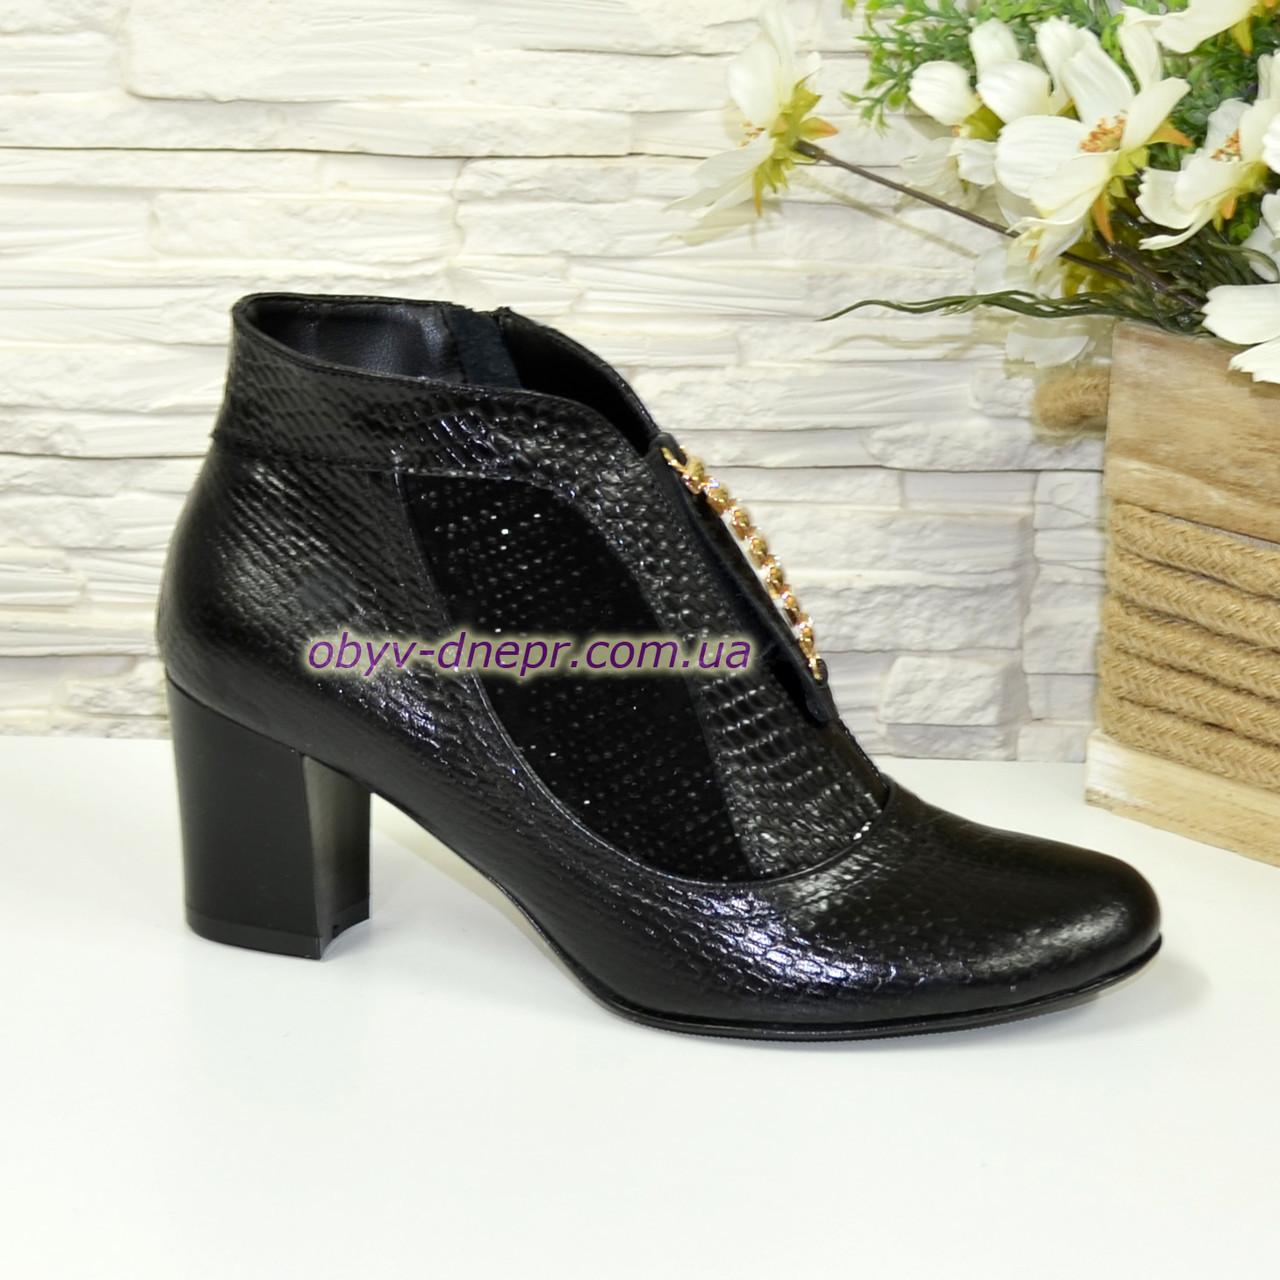 Стильные женские демисезонные ботинки, черная кожа крокодил. 37 размер